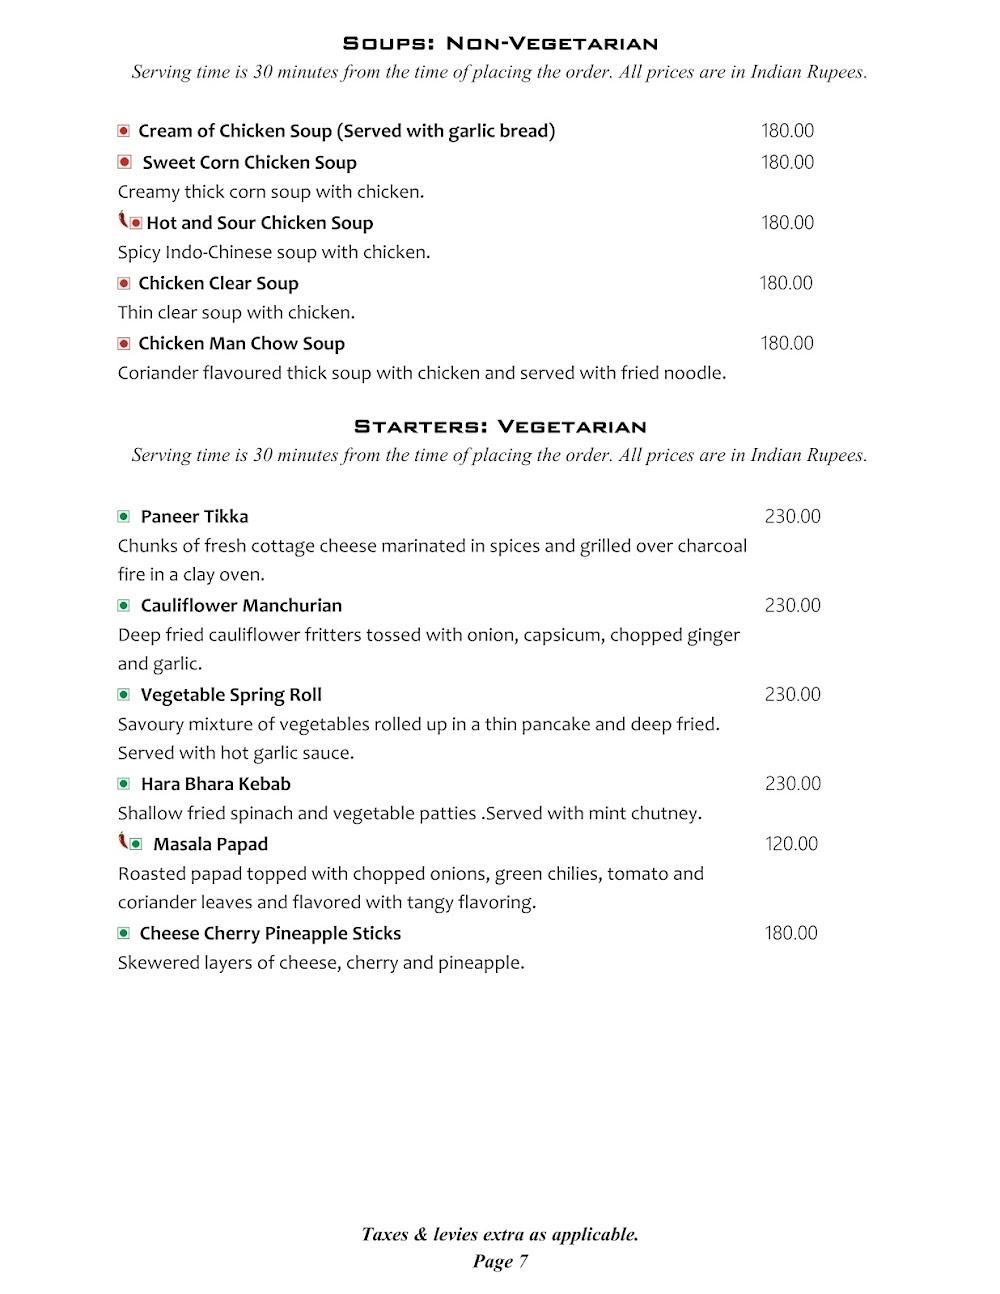 Cafe @ Elanza menu 6